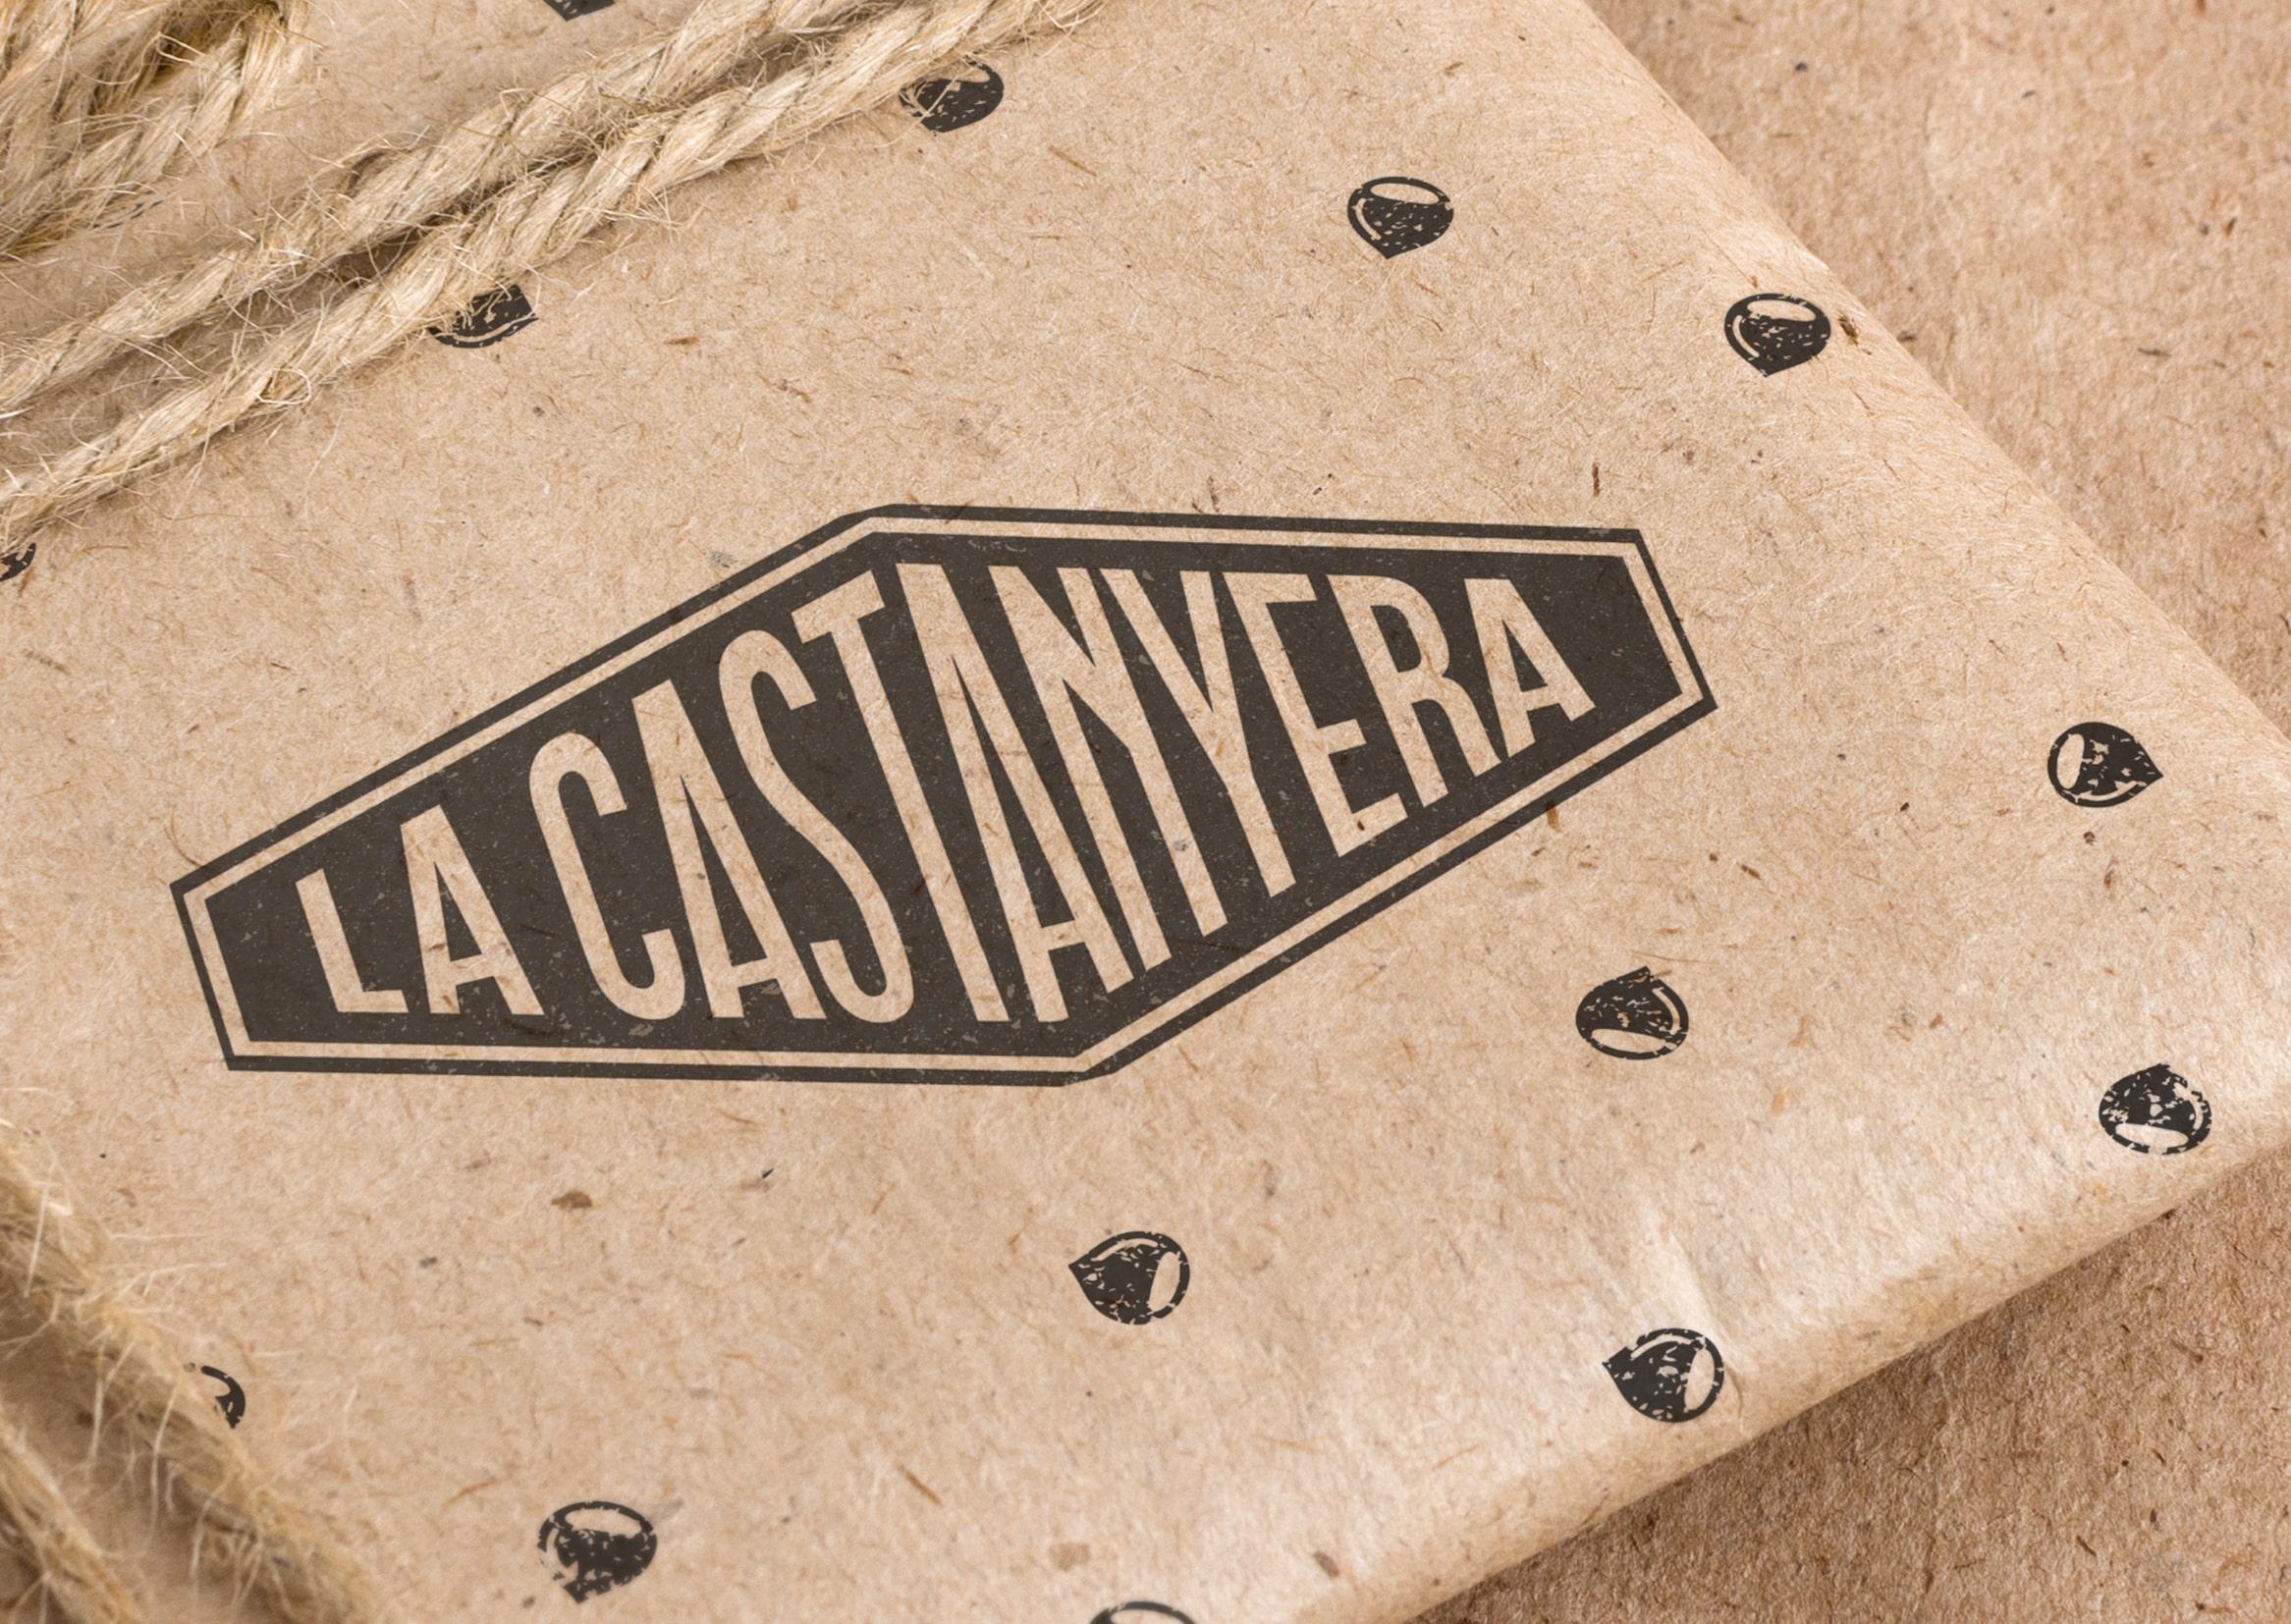 La Castanyera